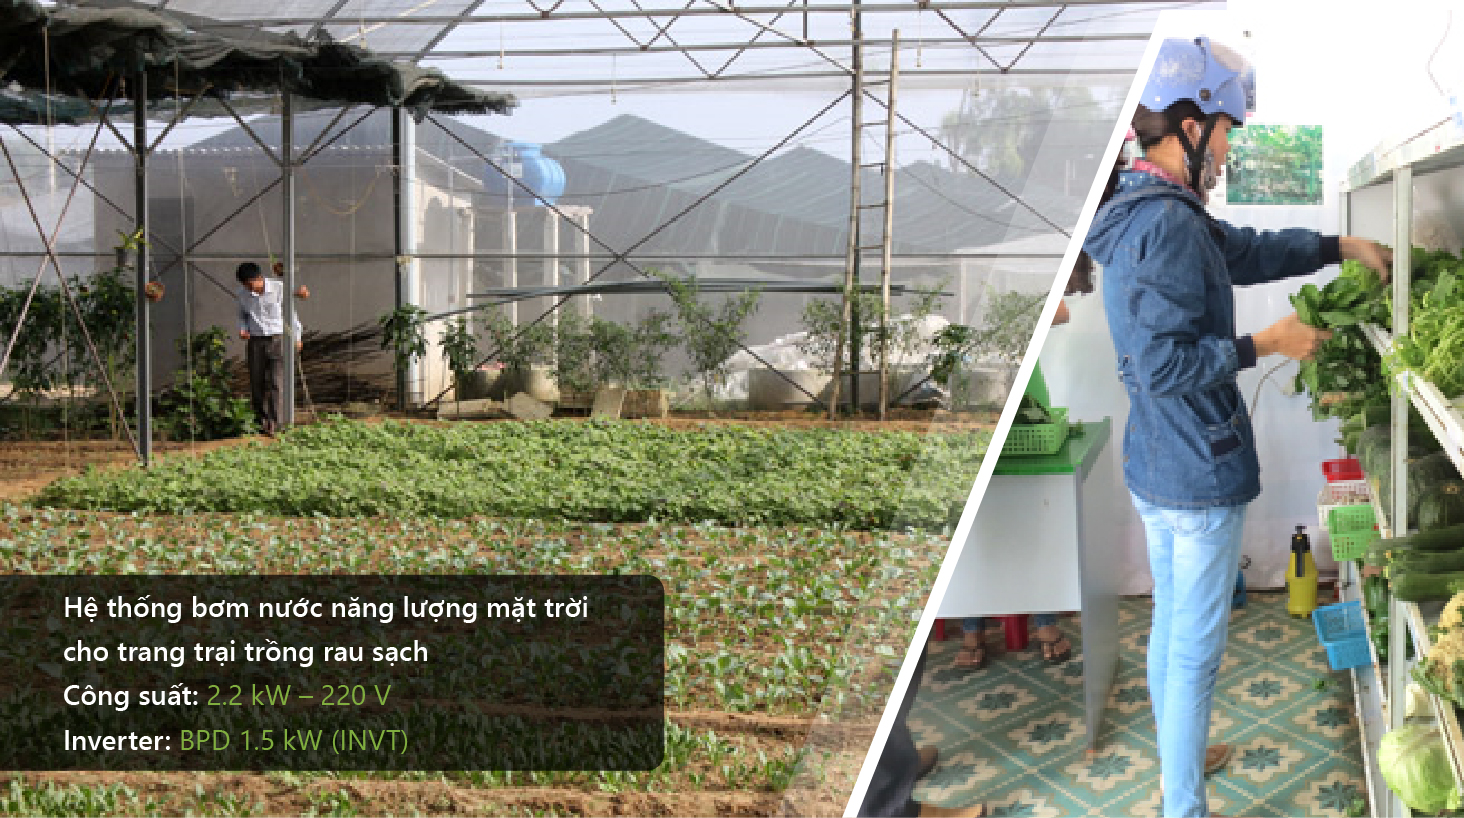 Ứng dụng điện năng lượng mặt trời vào nông nghiệp sạch